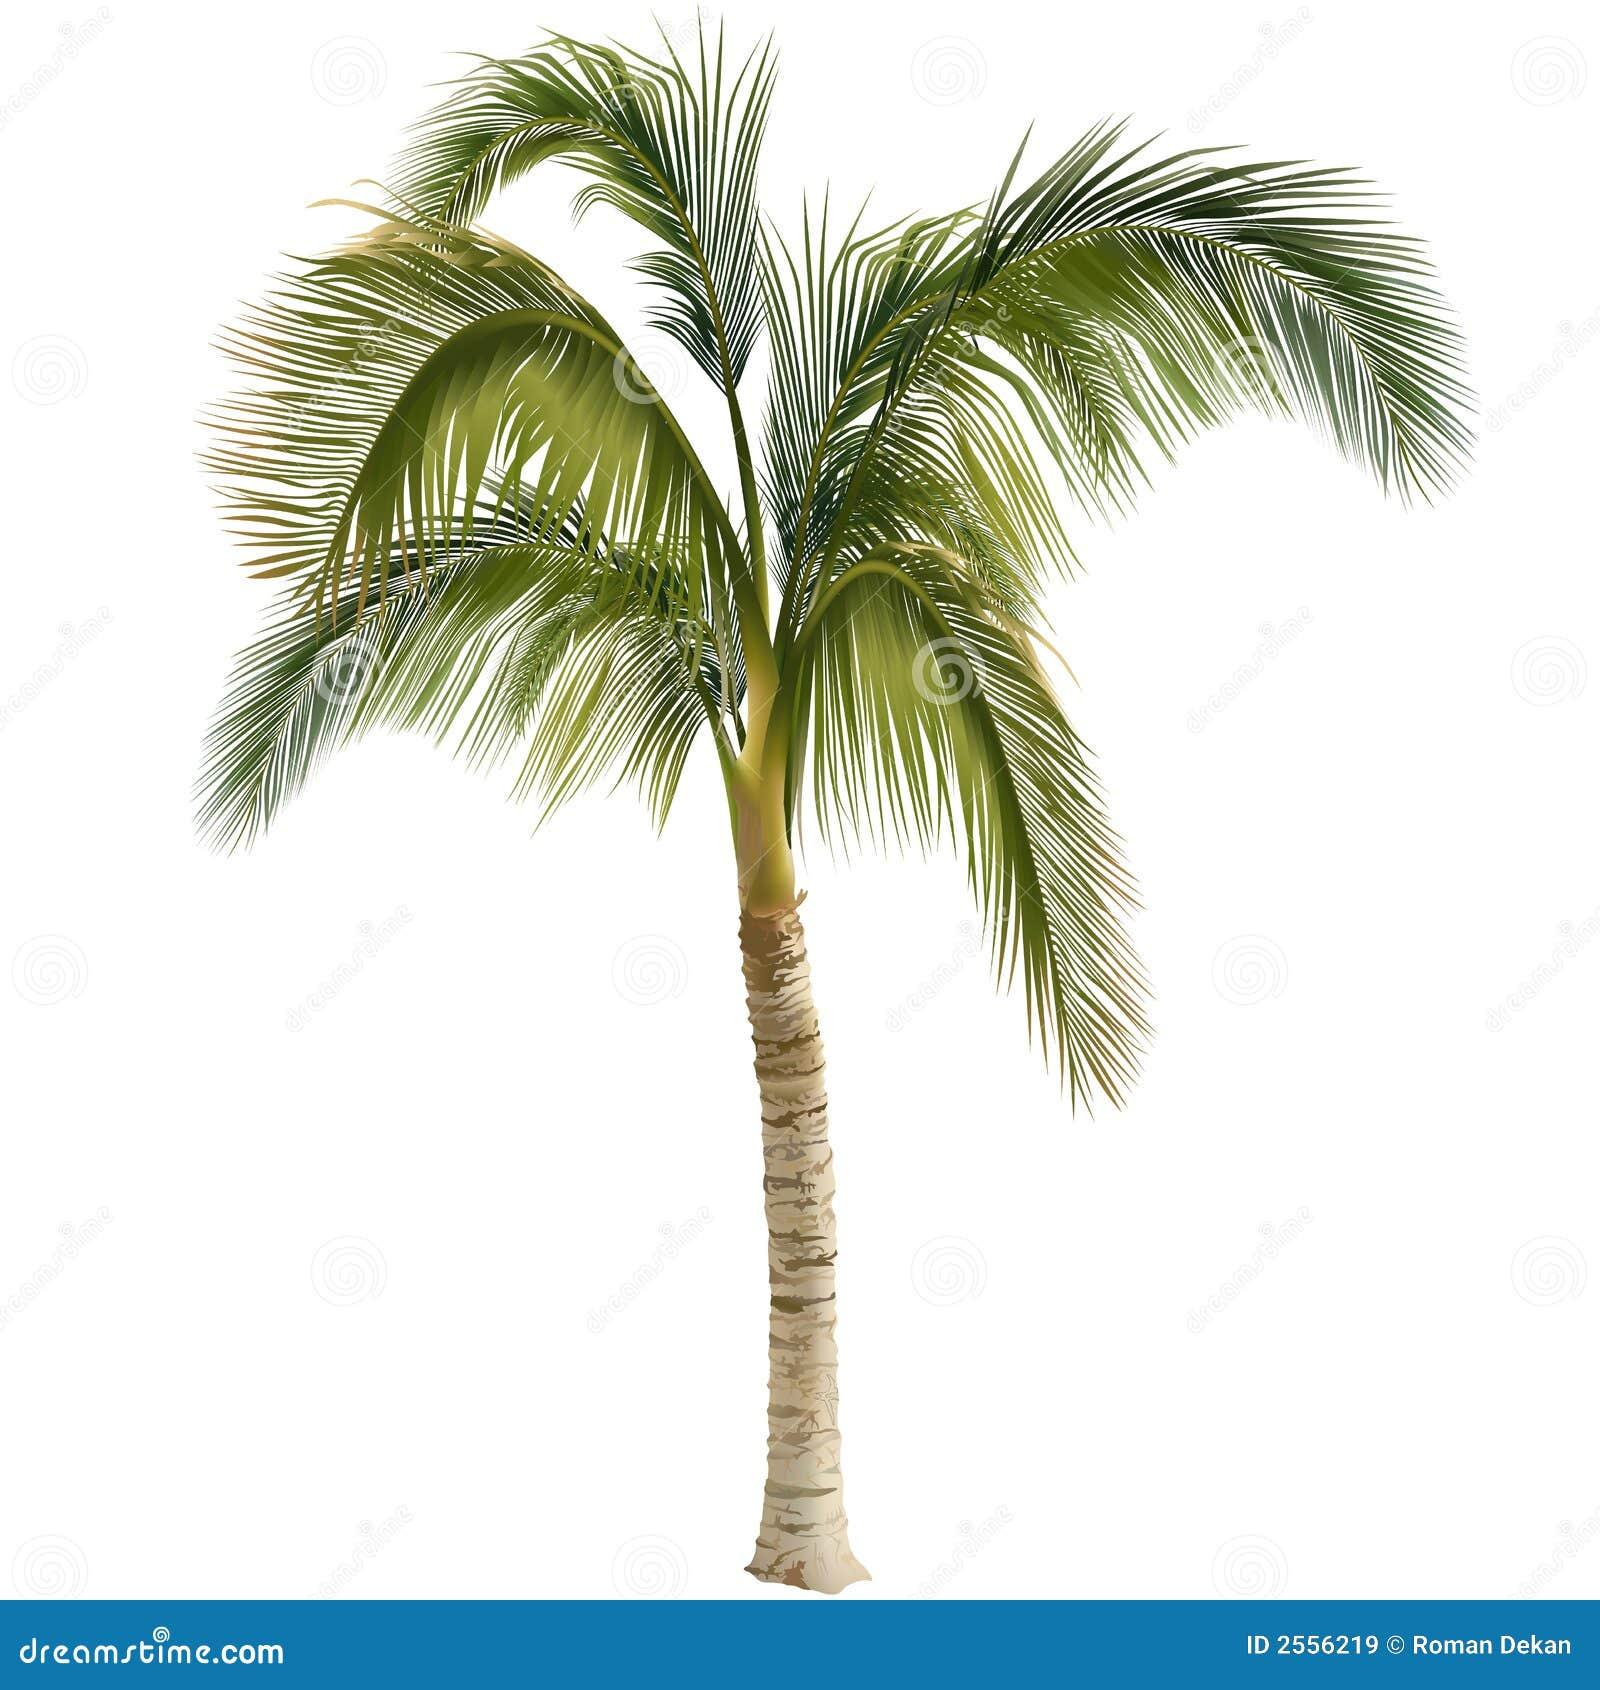 Palmier images libres de droits image 2556219 - Image palmier ...